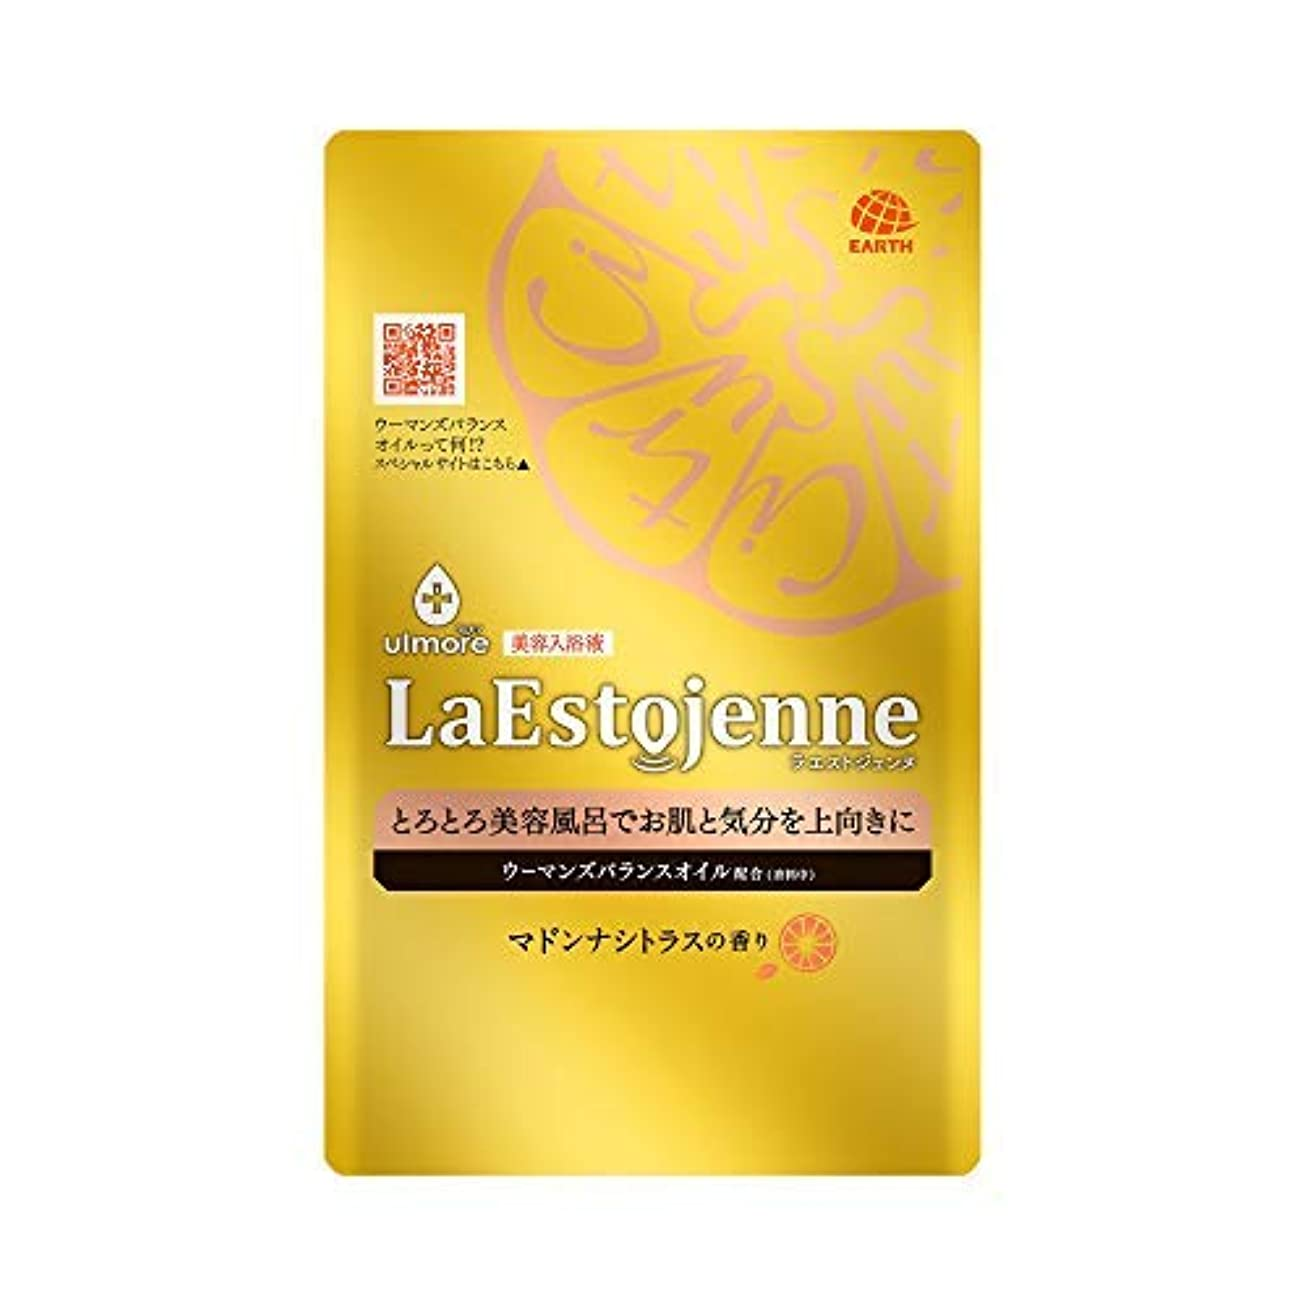 富ブランドクリークウルモア ラエストジェンヌ マドンナシトラスの香り 1包 × 8個セット